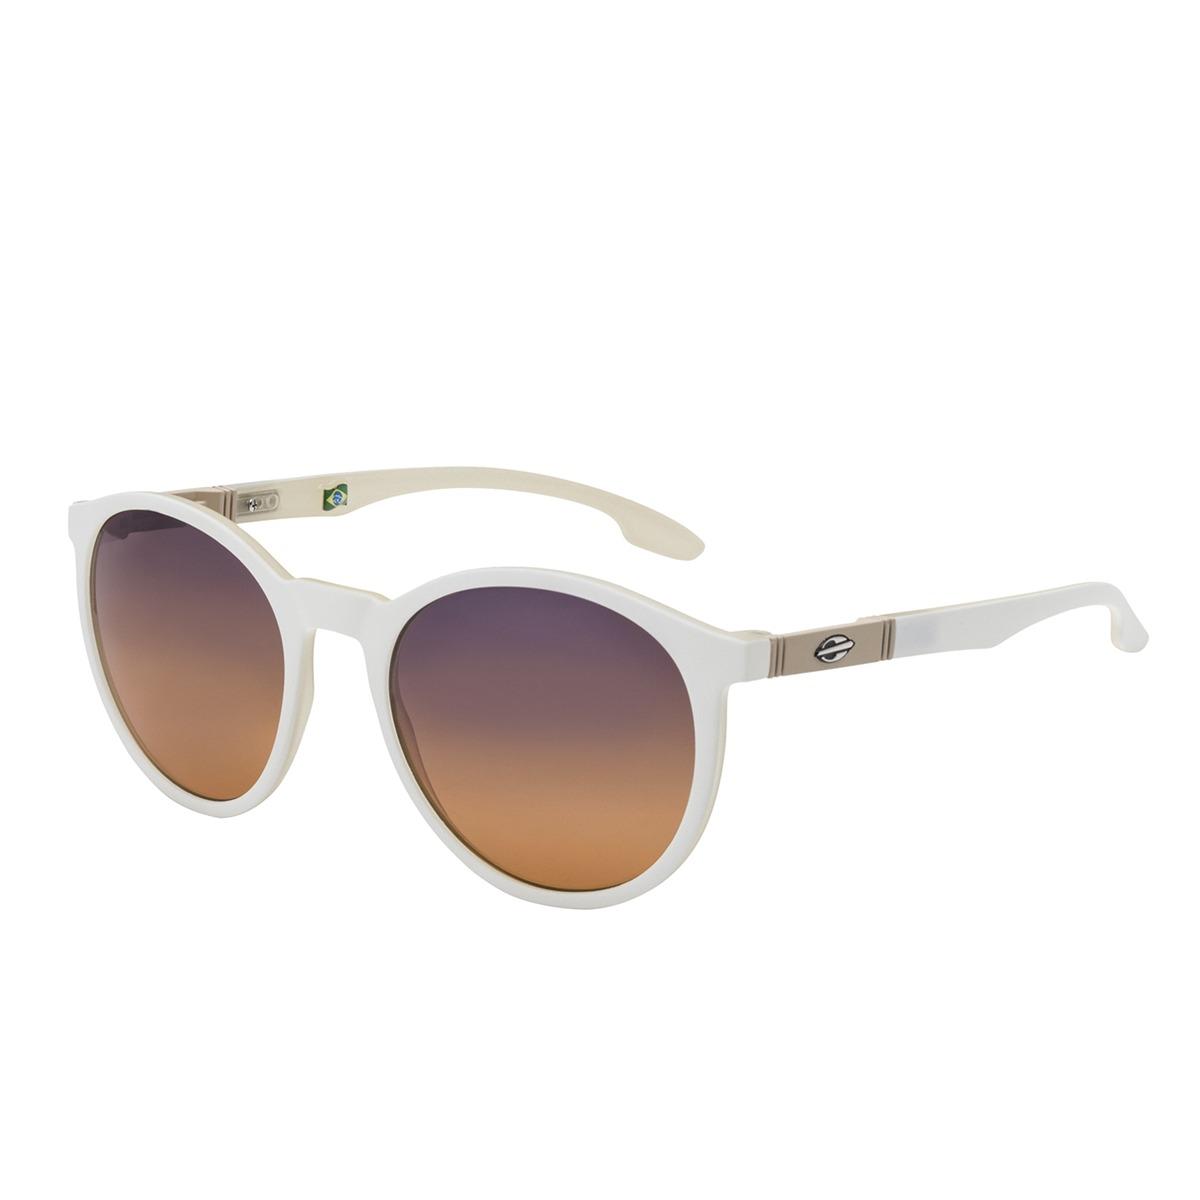 Óculos De Sol Maui Branco E Nude Fosco Mormaii - R  249,00 em ... f504398cc2